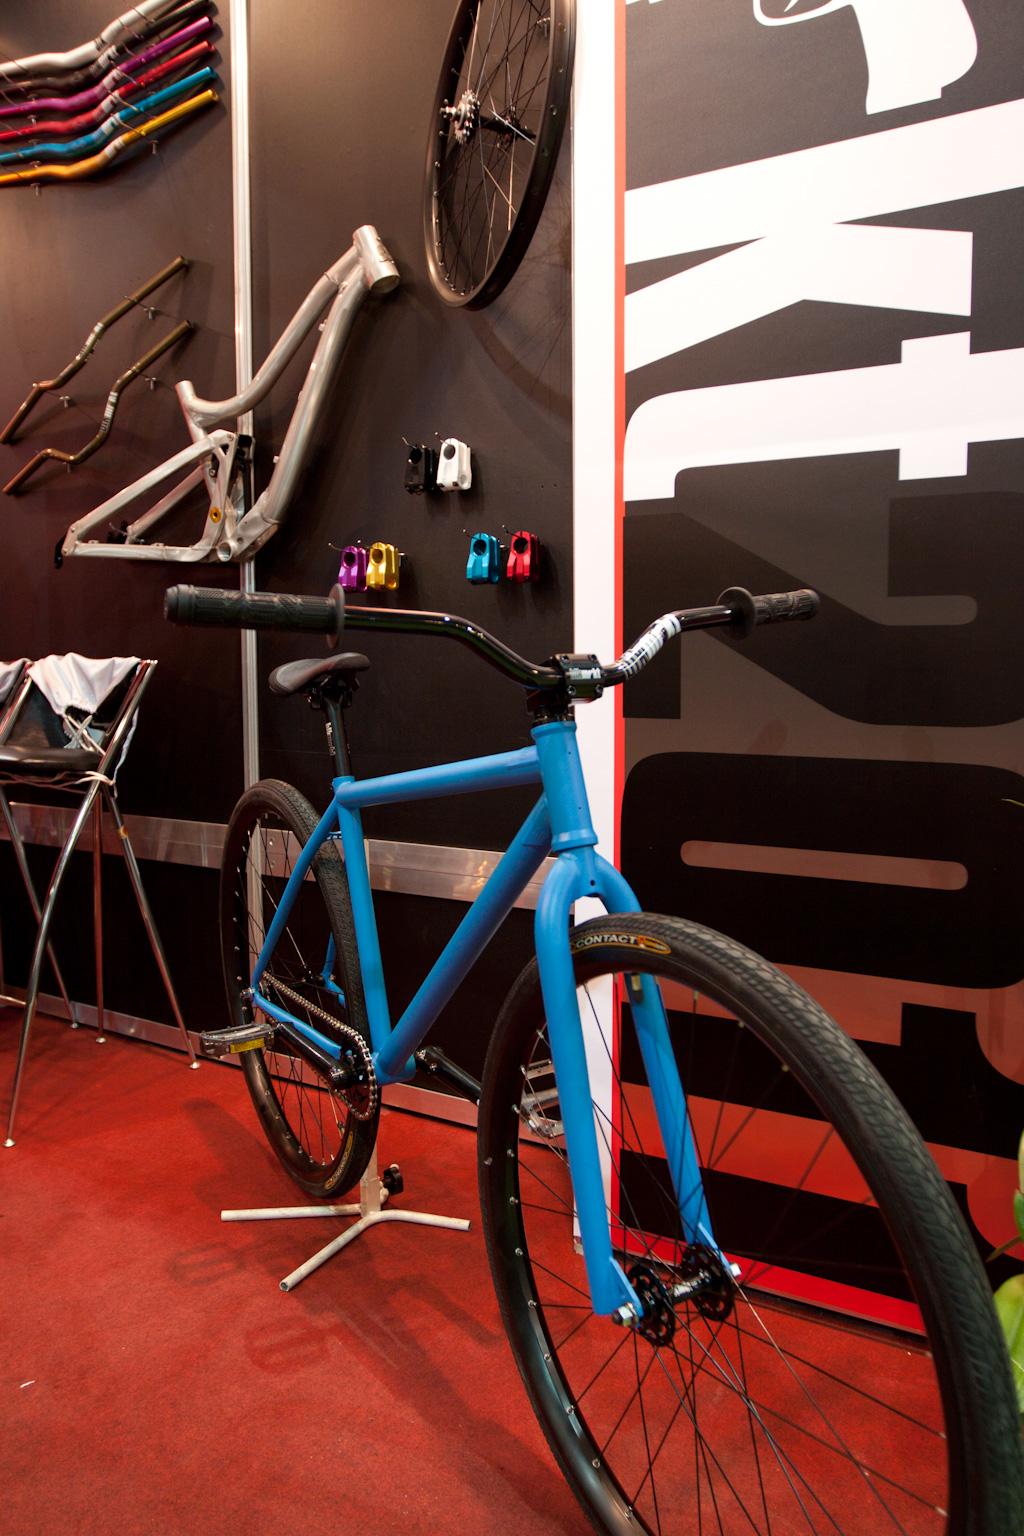 Blk Mrkt Bikes: March 2011